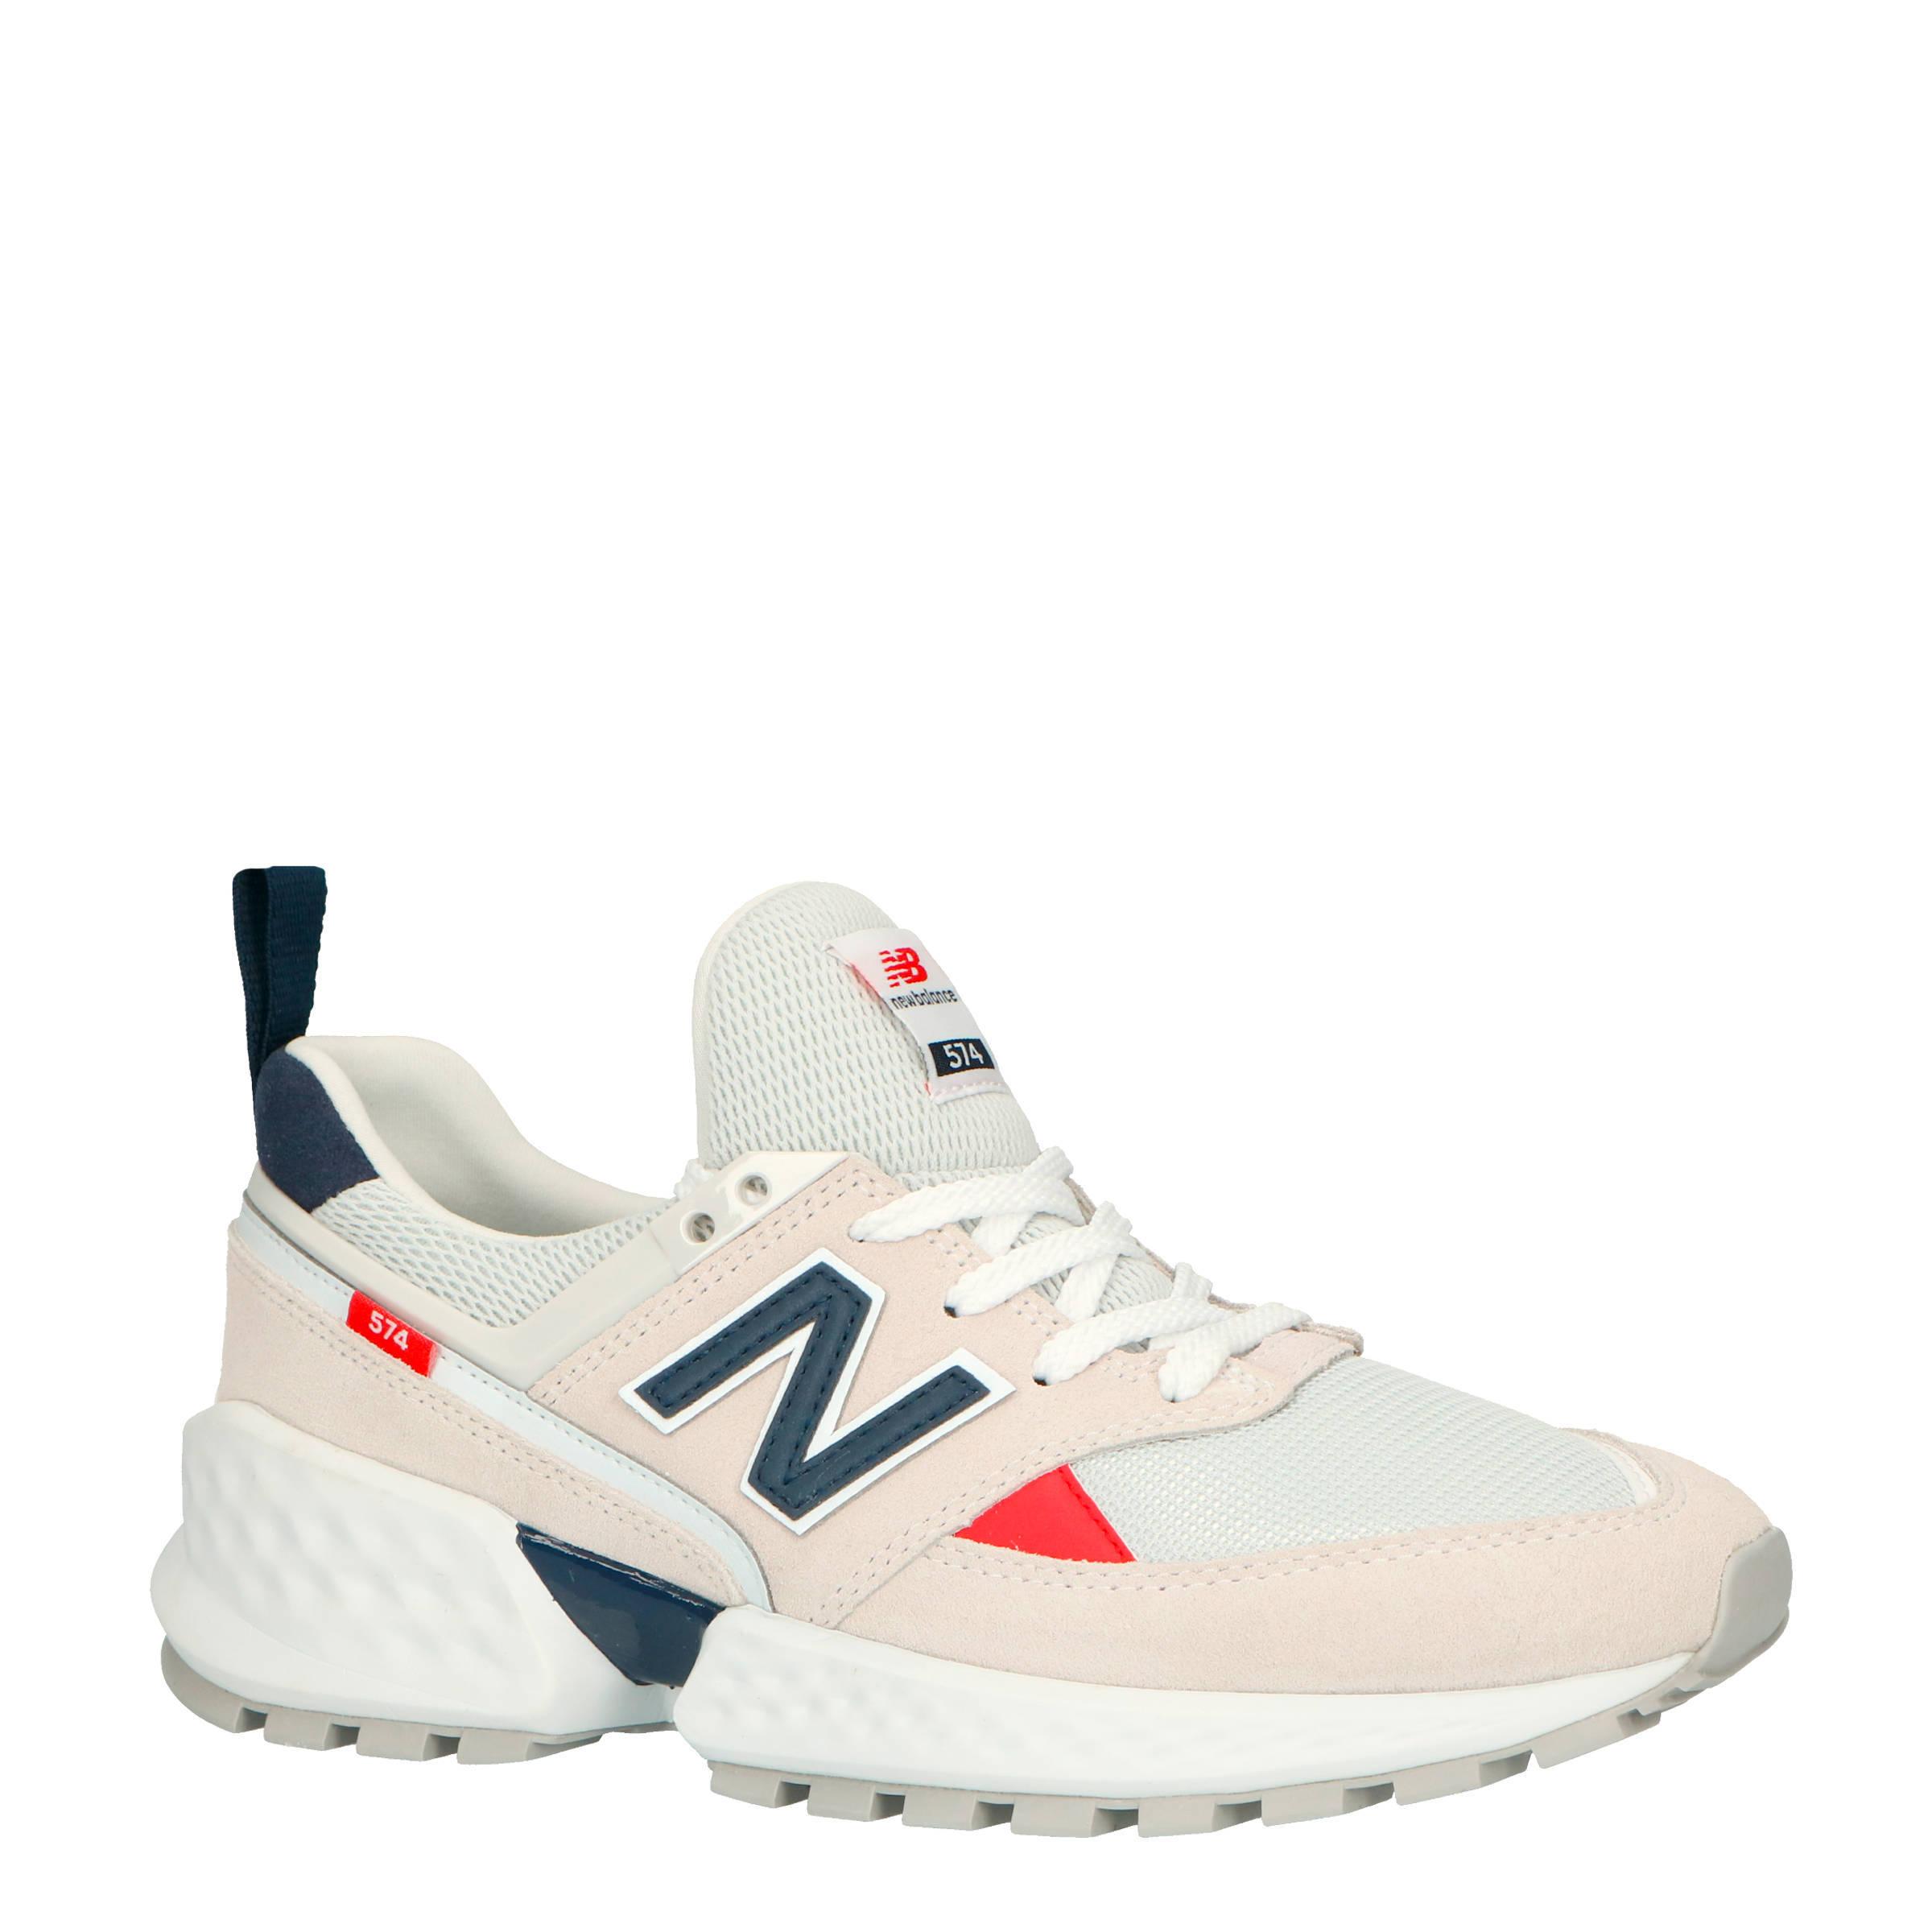 new balance schoenen wasmachine